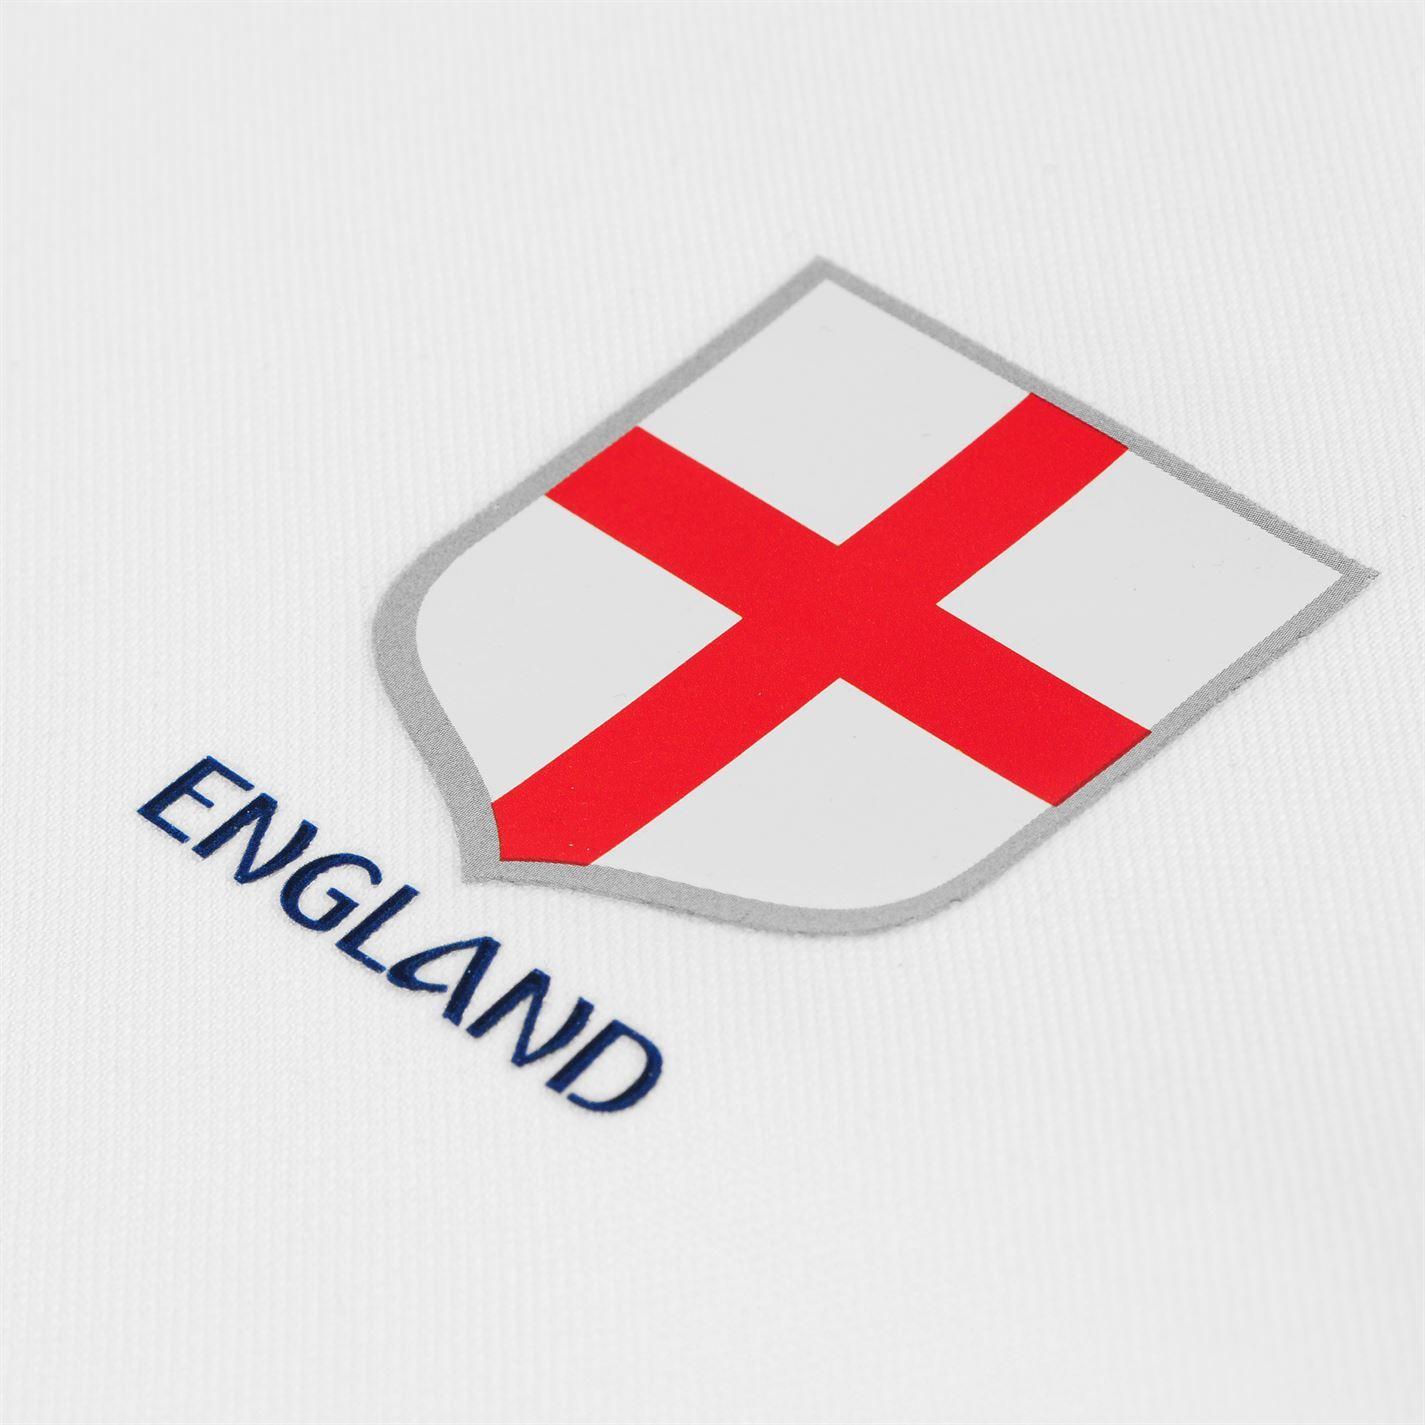 miniature 14 - FIFA Coupe du monde 2018 Angleterre T-Shirt Juniors FOOTBALL SOCCER top tee shirt